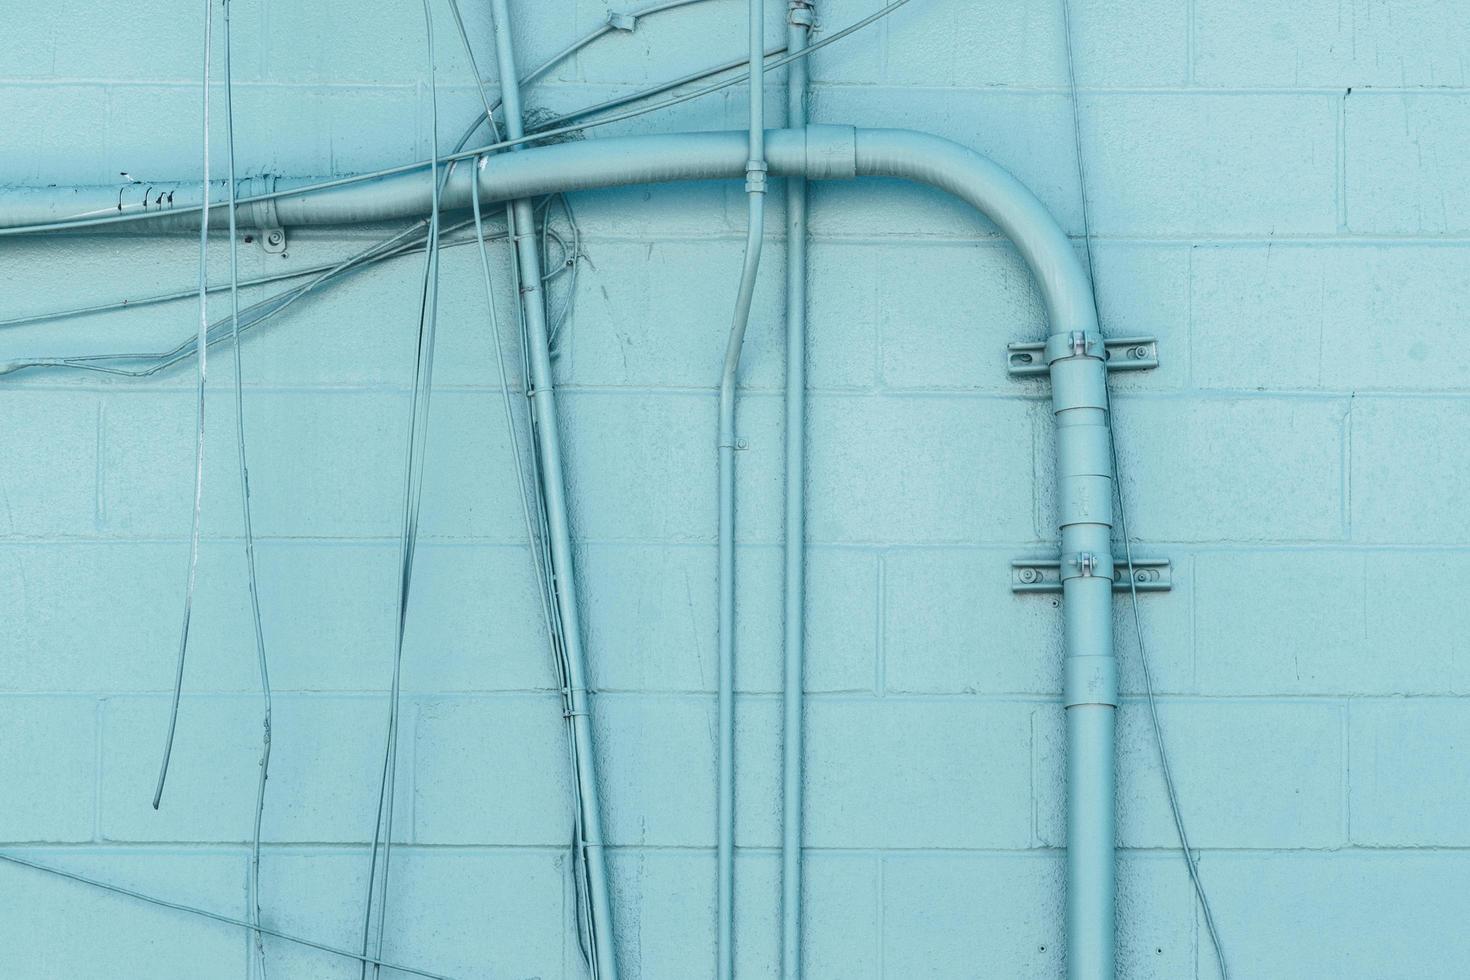 mur bleu avec système de tuyaux photo